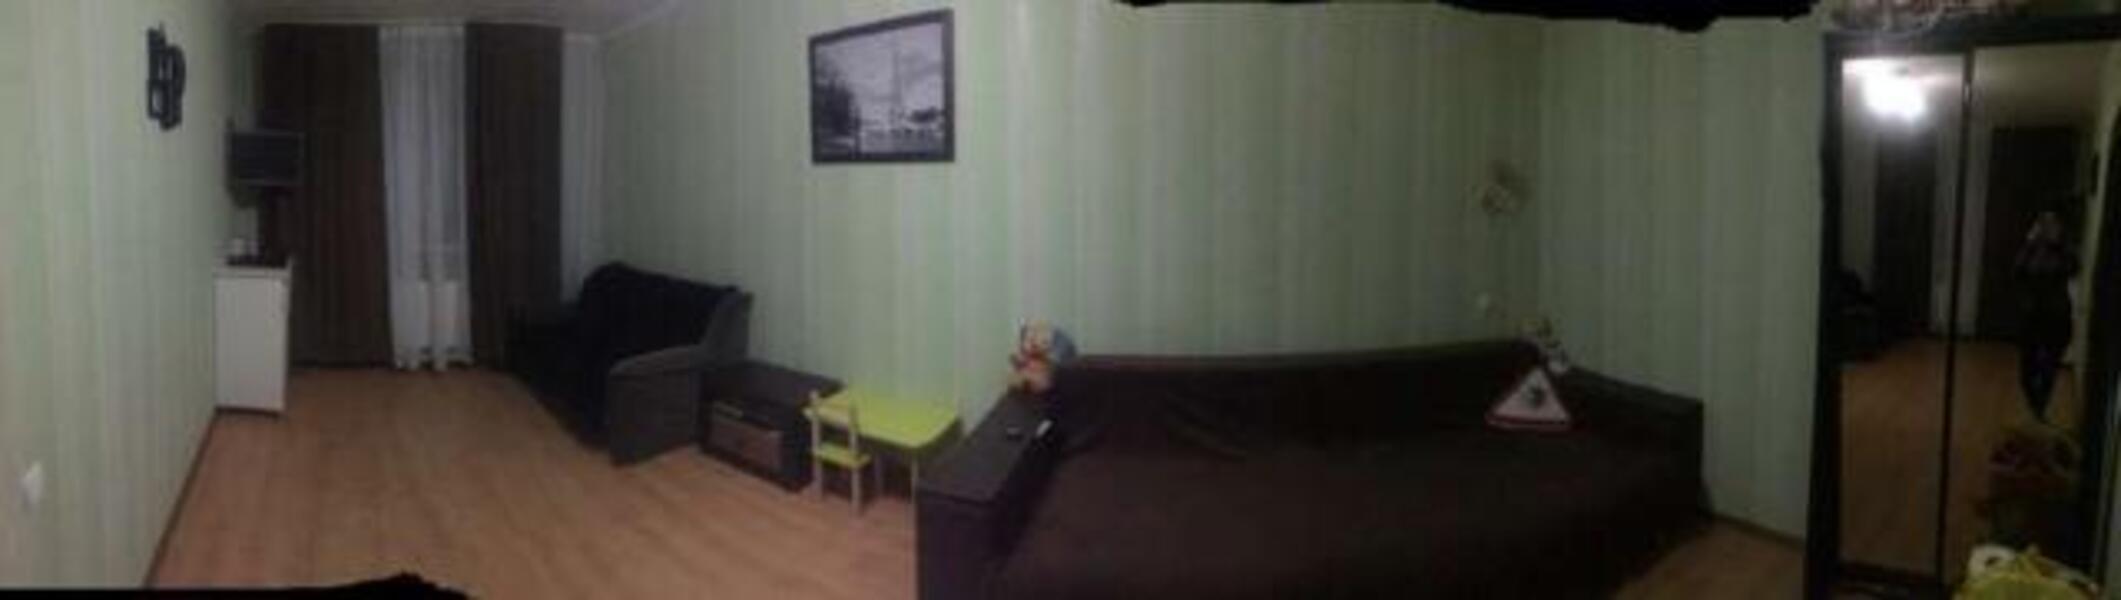 Купить 1-комнатная квартира, Мерефа, Овощеводов, Харьковская область